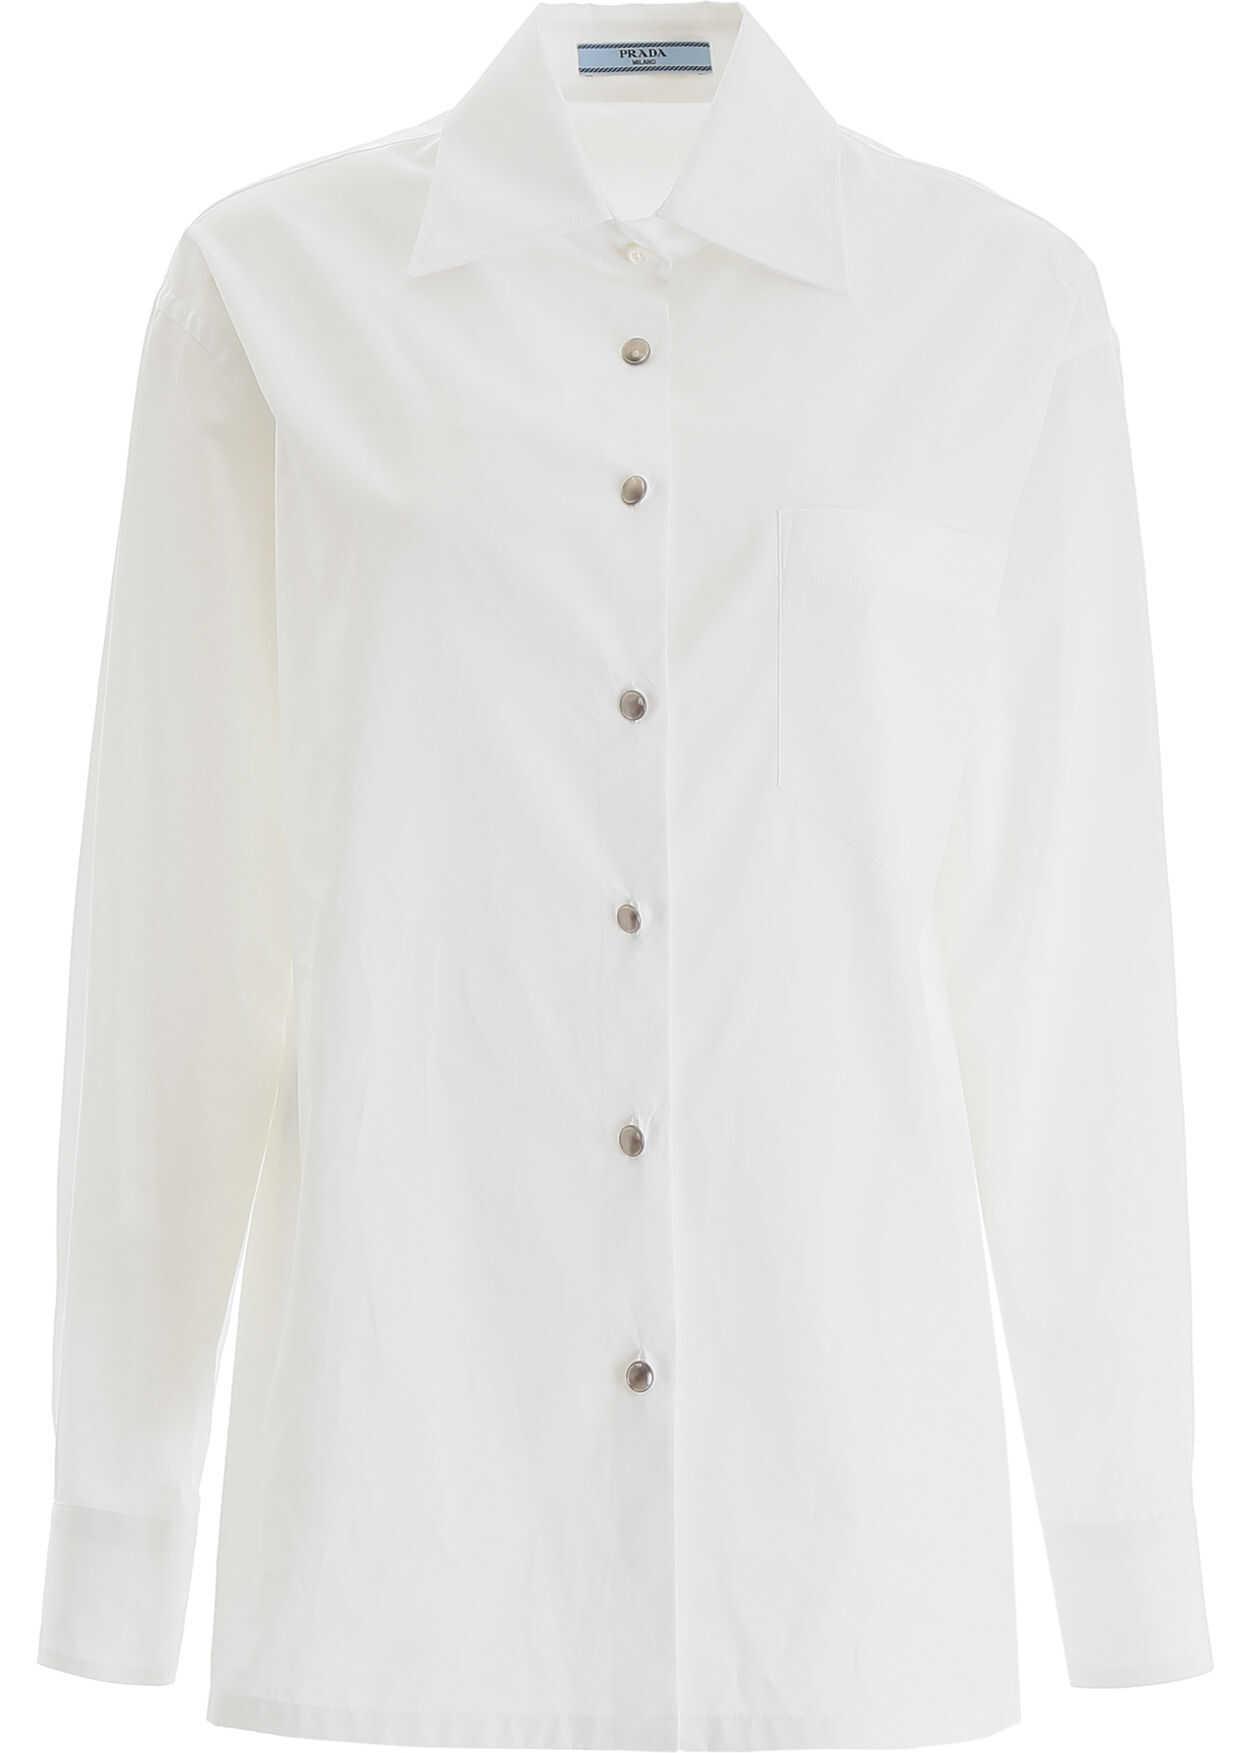 Prada Cotton Shirt BIANCO